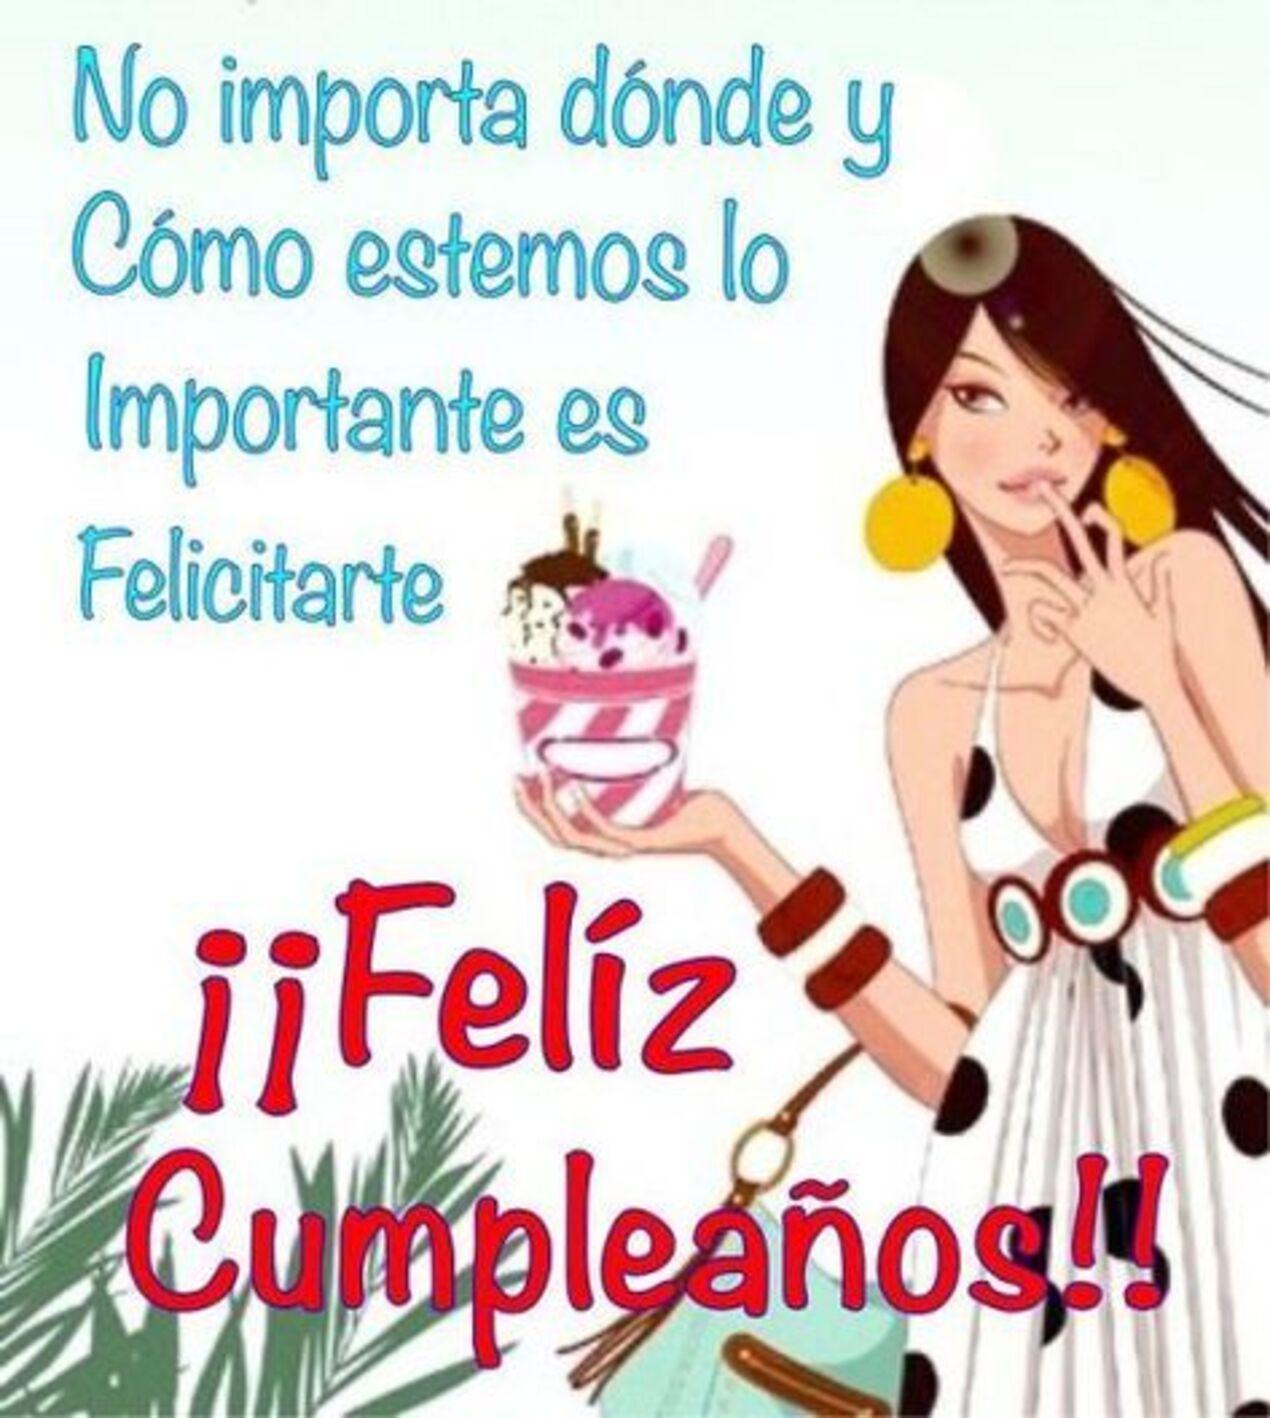 No importa dónde y cómo estamos lo importante es felicitarte!! Feliz cumpleaños!!